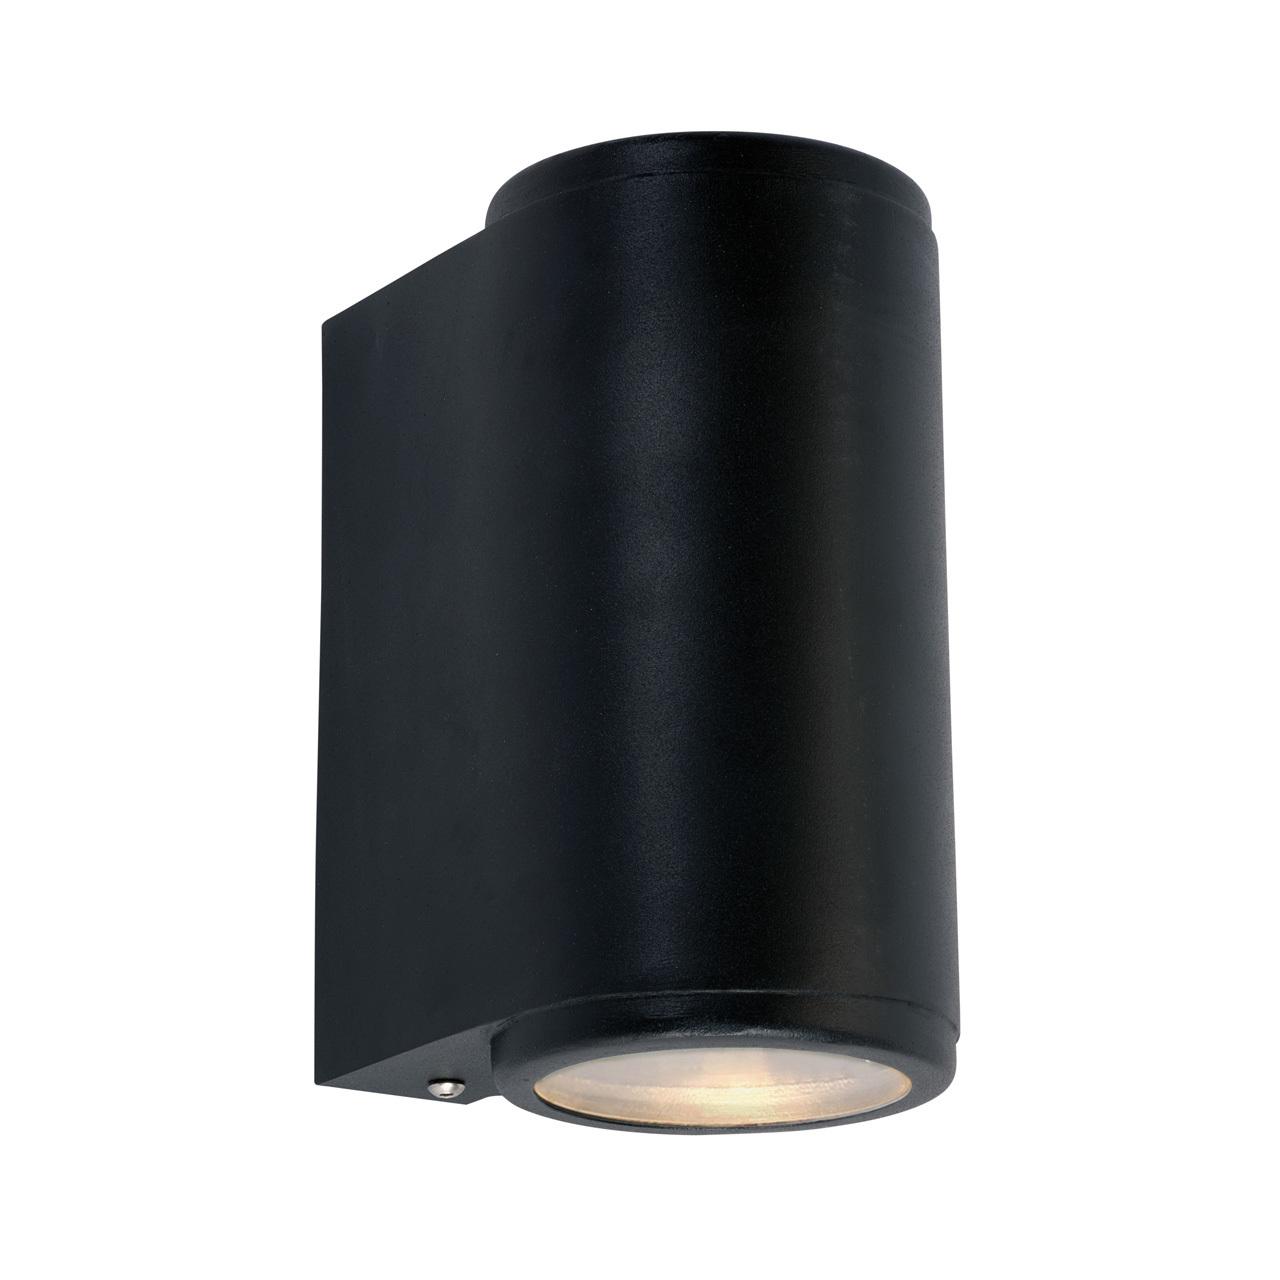 Lampa ścienna MANDAL LED 1370B -Norlys  SPRAWDŹ RABATY  5-10-15-20 % w koszyku